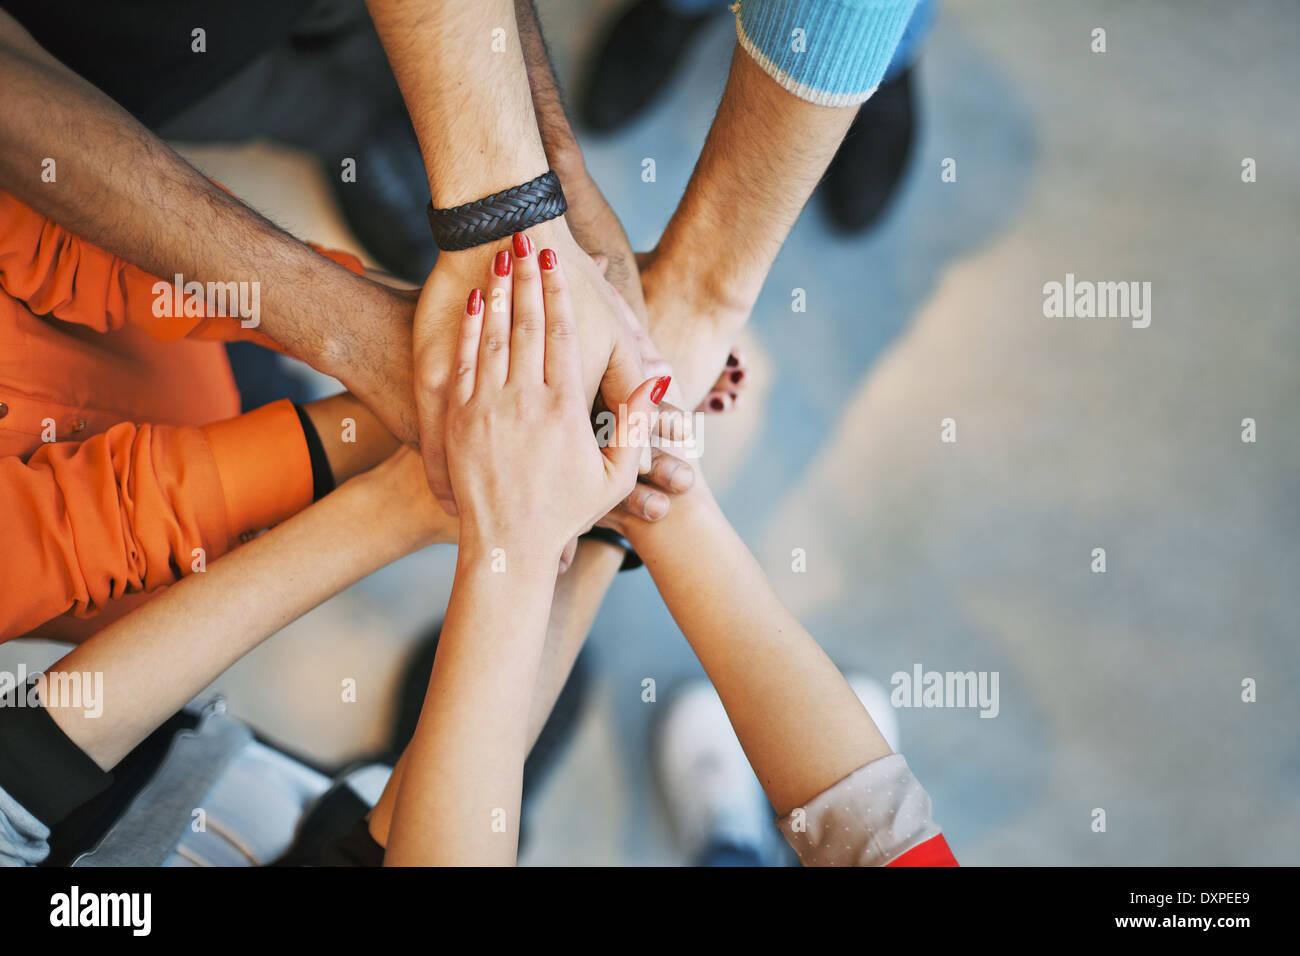 Grupo multiétnico de gente joven poniendo sus manos en la parte superior de cada uno. Cerrar imagen de jóvenes estudiantes manos de apilamiento. Imagen De Stock